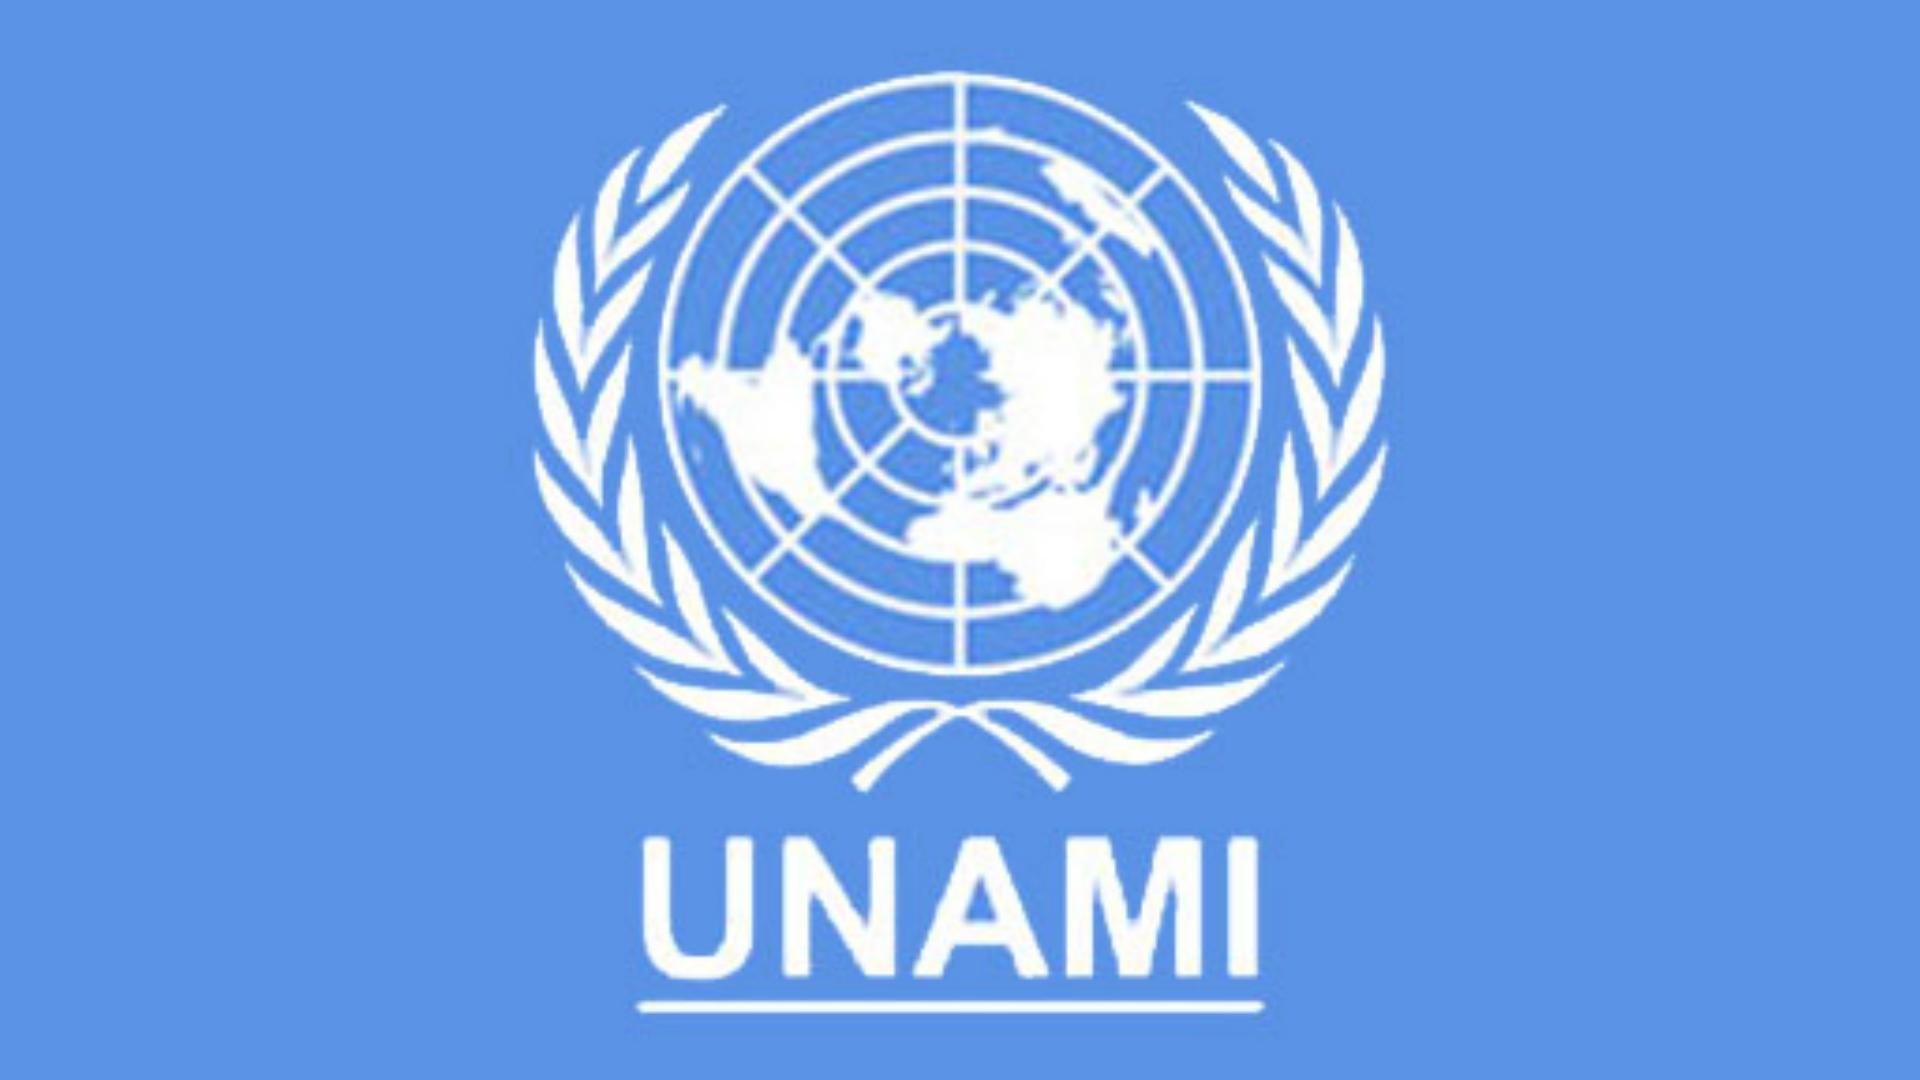 تخصيص الأمم المتحدة إيميلاً للإبلاغ عن انتهاكات حقوق الإنسان يثير الحيرة والسخرية